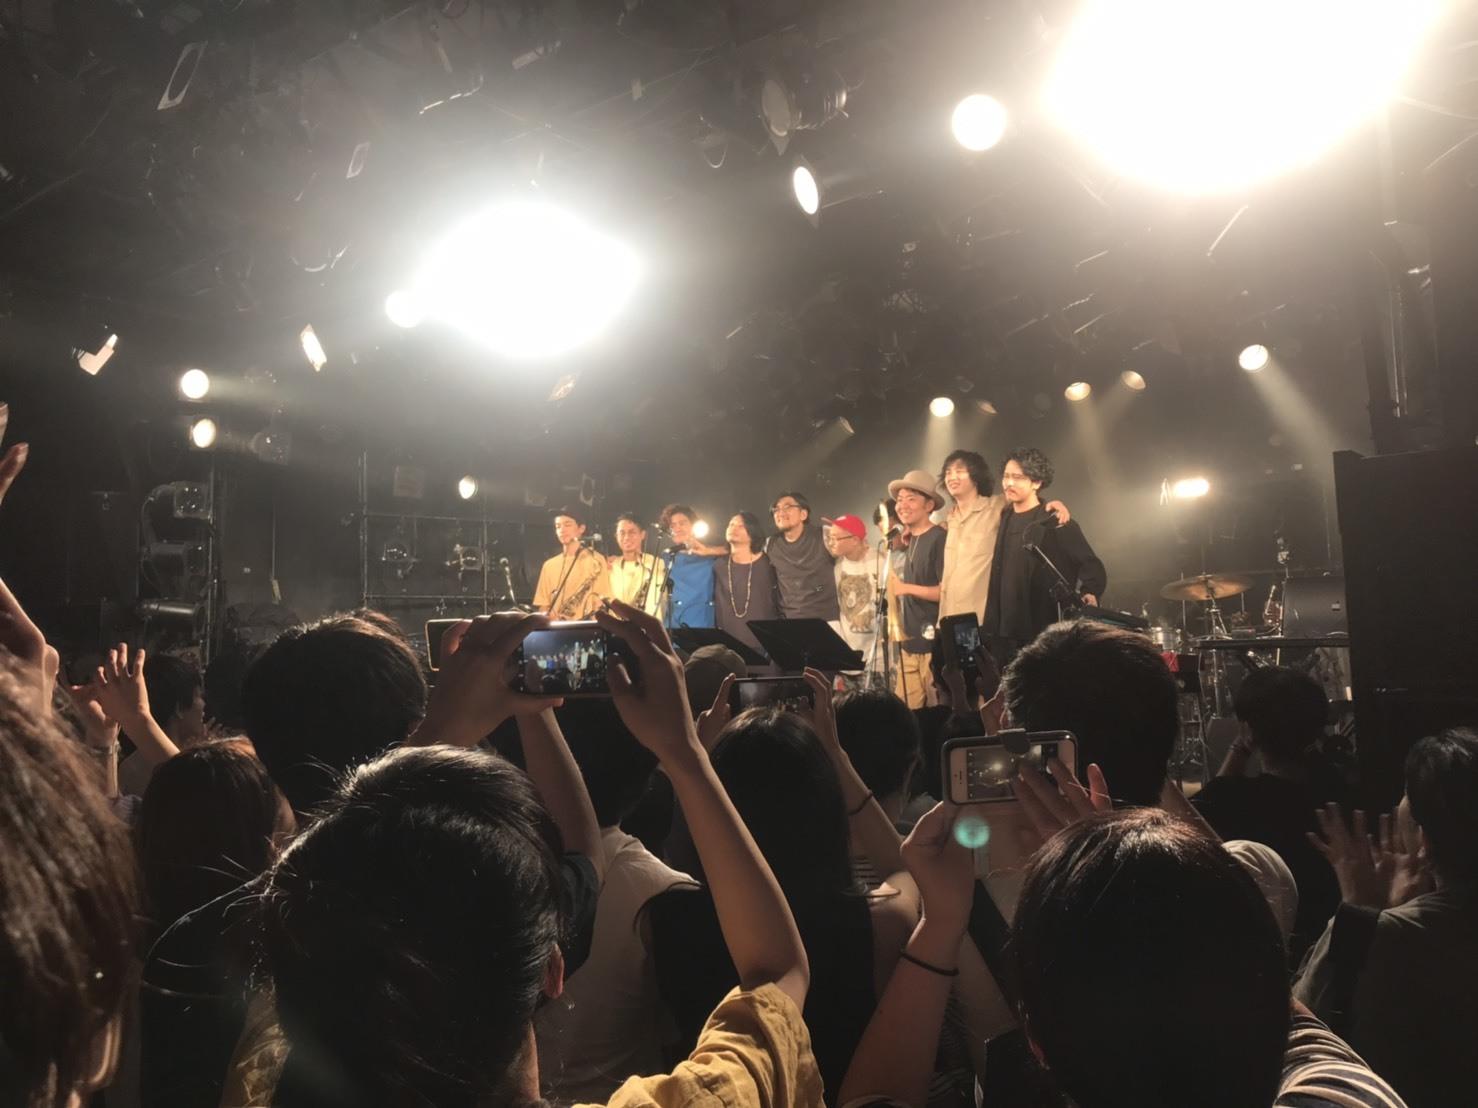 2019.9.26 T.O.C.band @ 渋谷クラブクアトロ_e0230090_08074708.jpeg